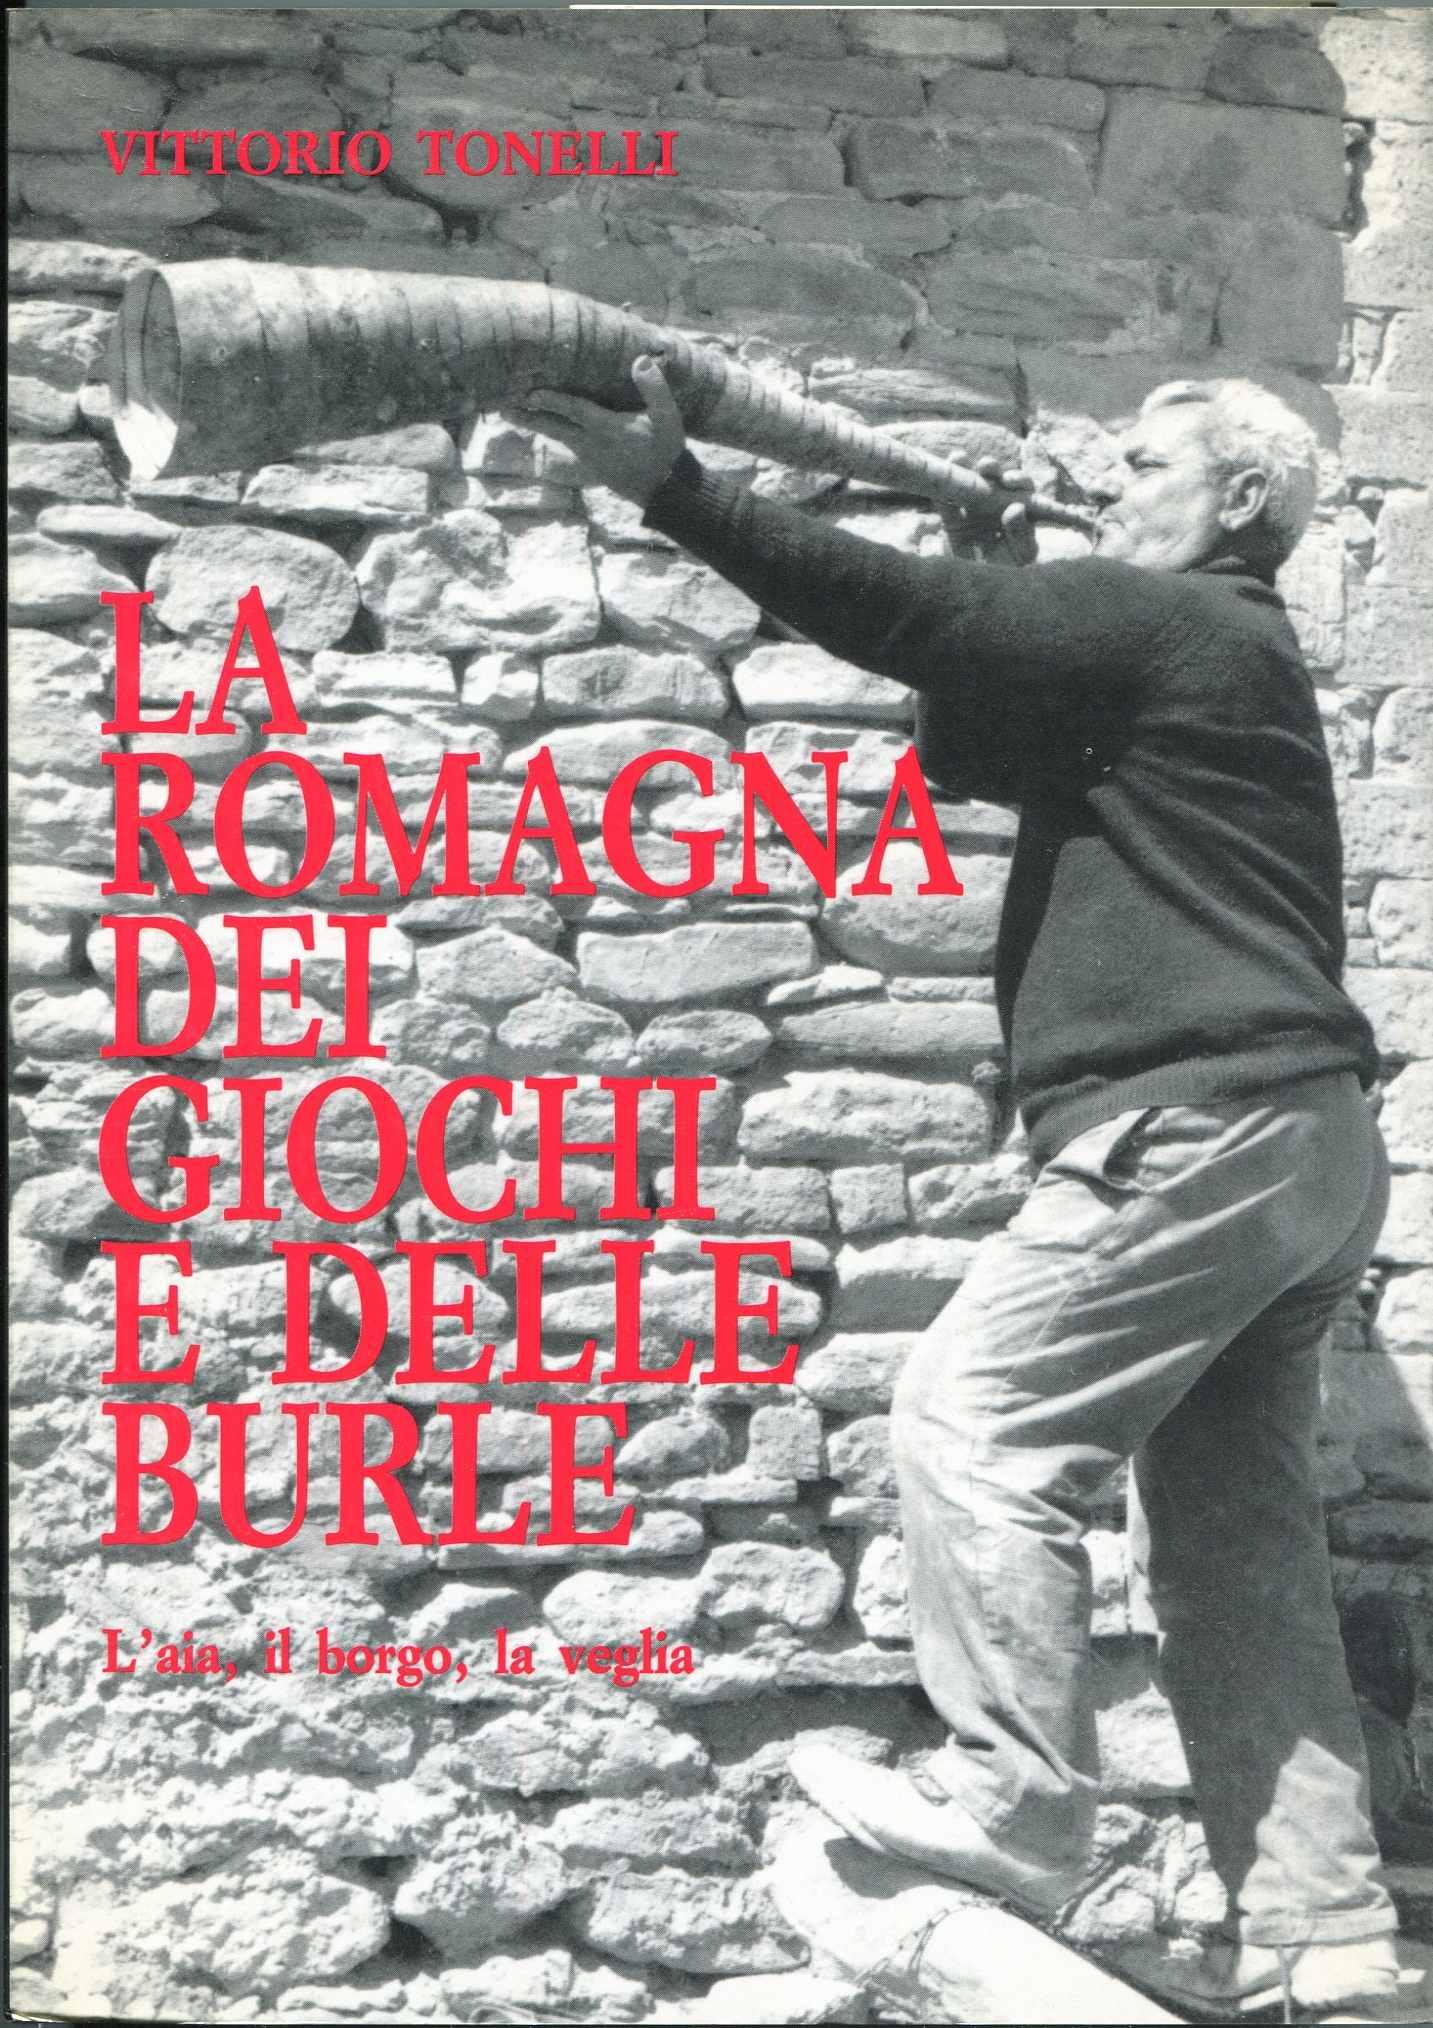 La Romagna dei giochi e delle burle